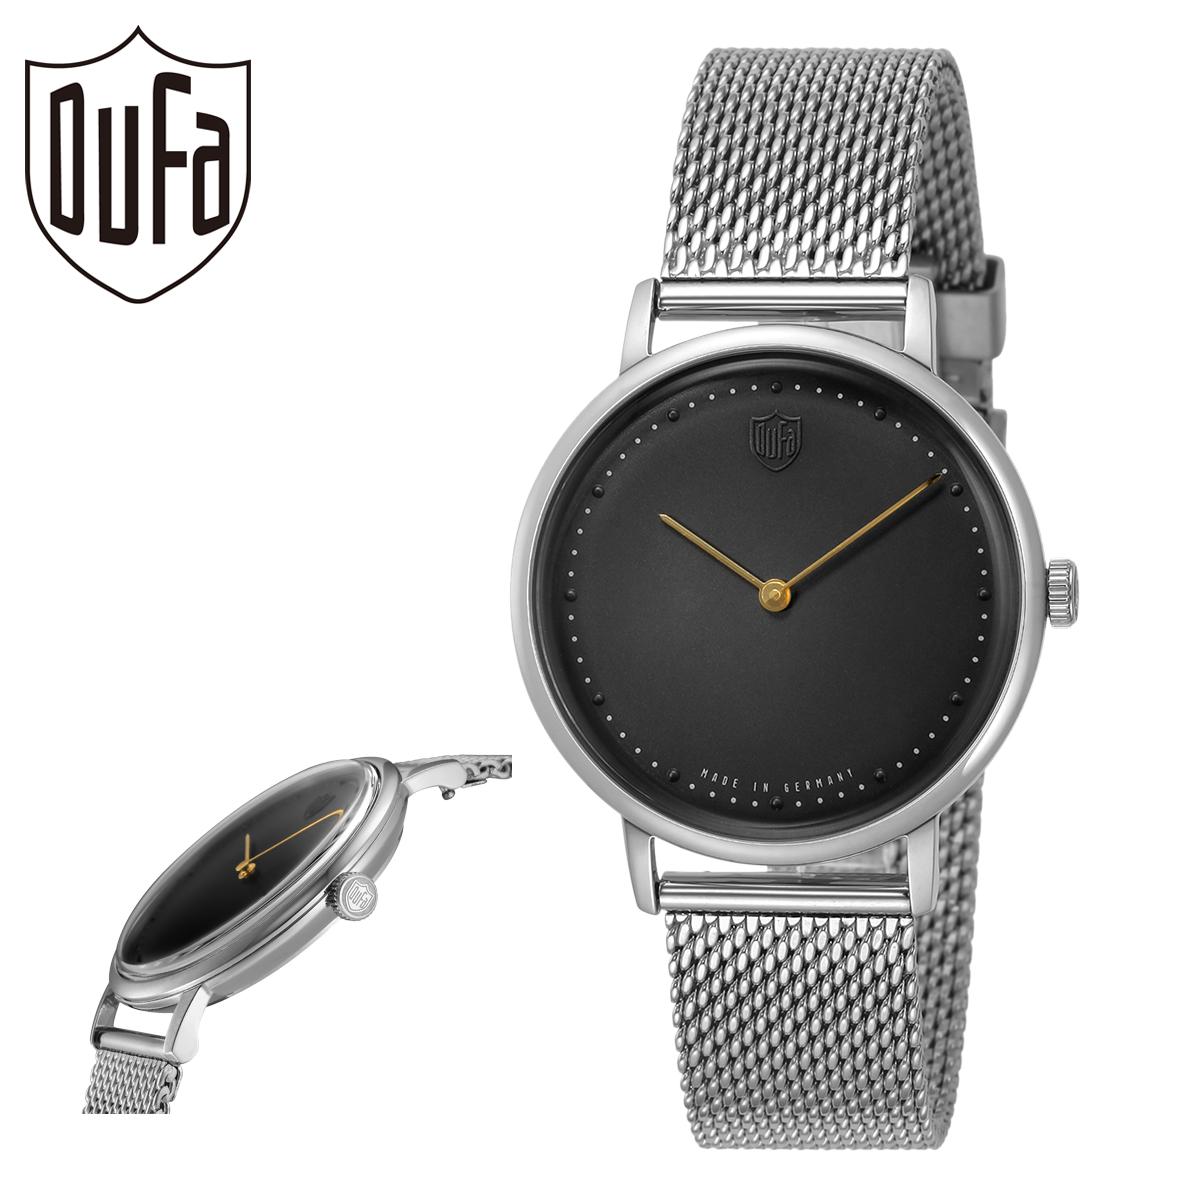 送料無料 ドゥッファ 腕時計 グロピウス2HANDS 新作からSALEアイテム等お得な商品満載 国際ブランド DF-9020-11 メンズ DUFA ミネラルガラス ステンレススチール PO10 bef 本革